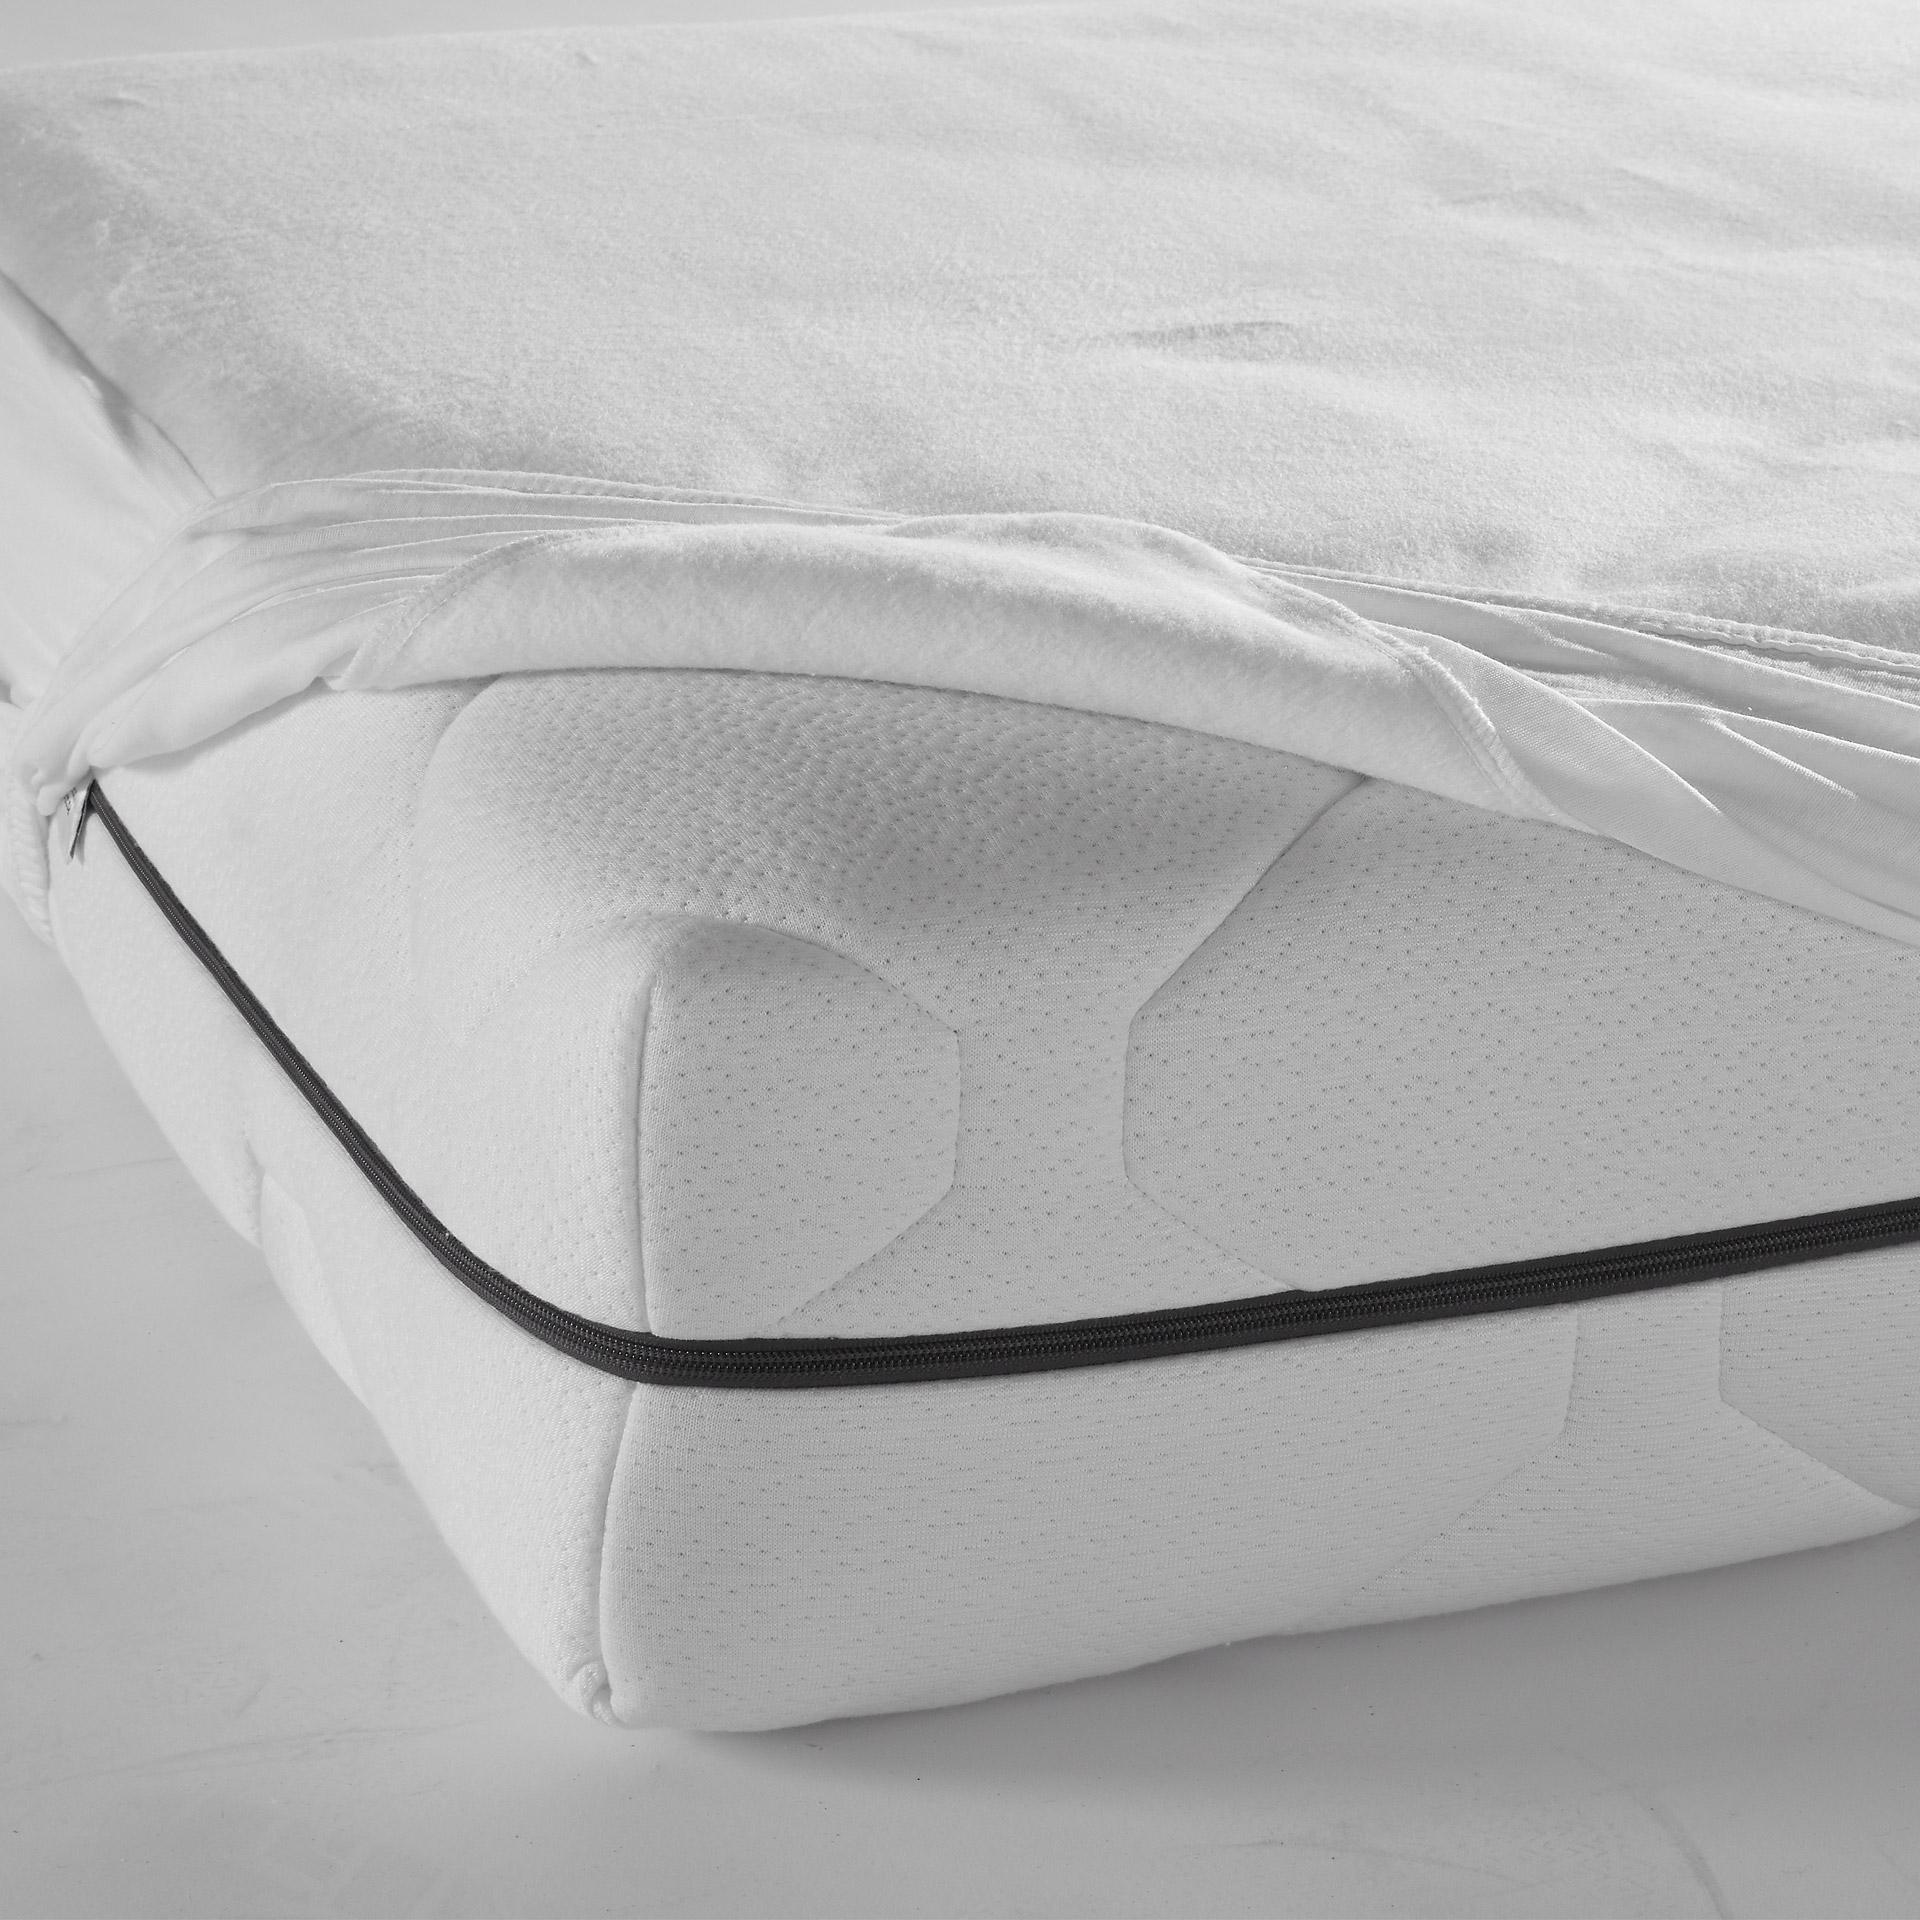 Molton-Matratzenauflage mit Rundum-Gummizug (160x200, kochfest)